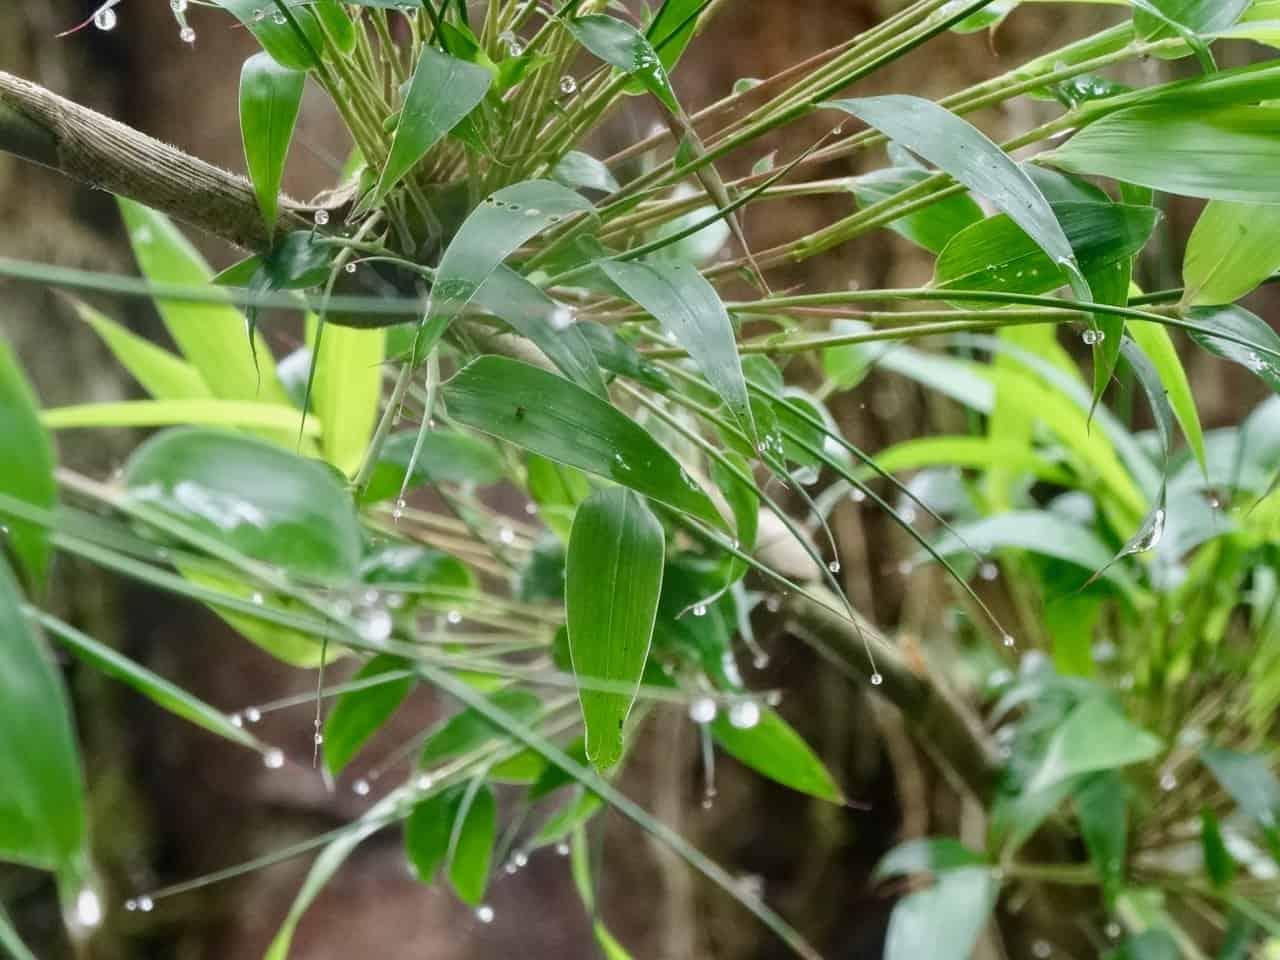 Kolumbianisches Grün (Bild: Martina Schäfer, Textagentur, Textrakt)